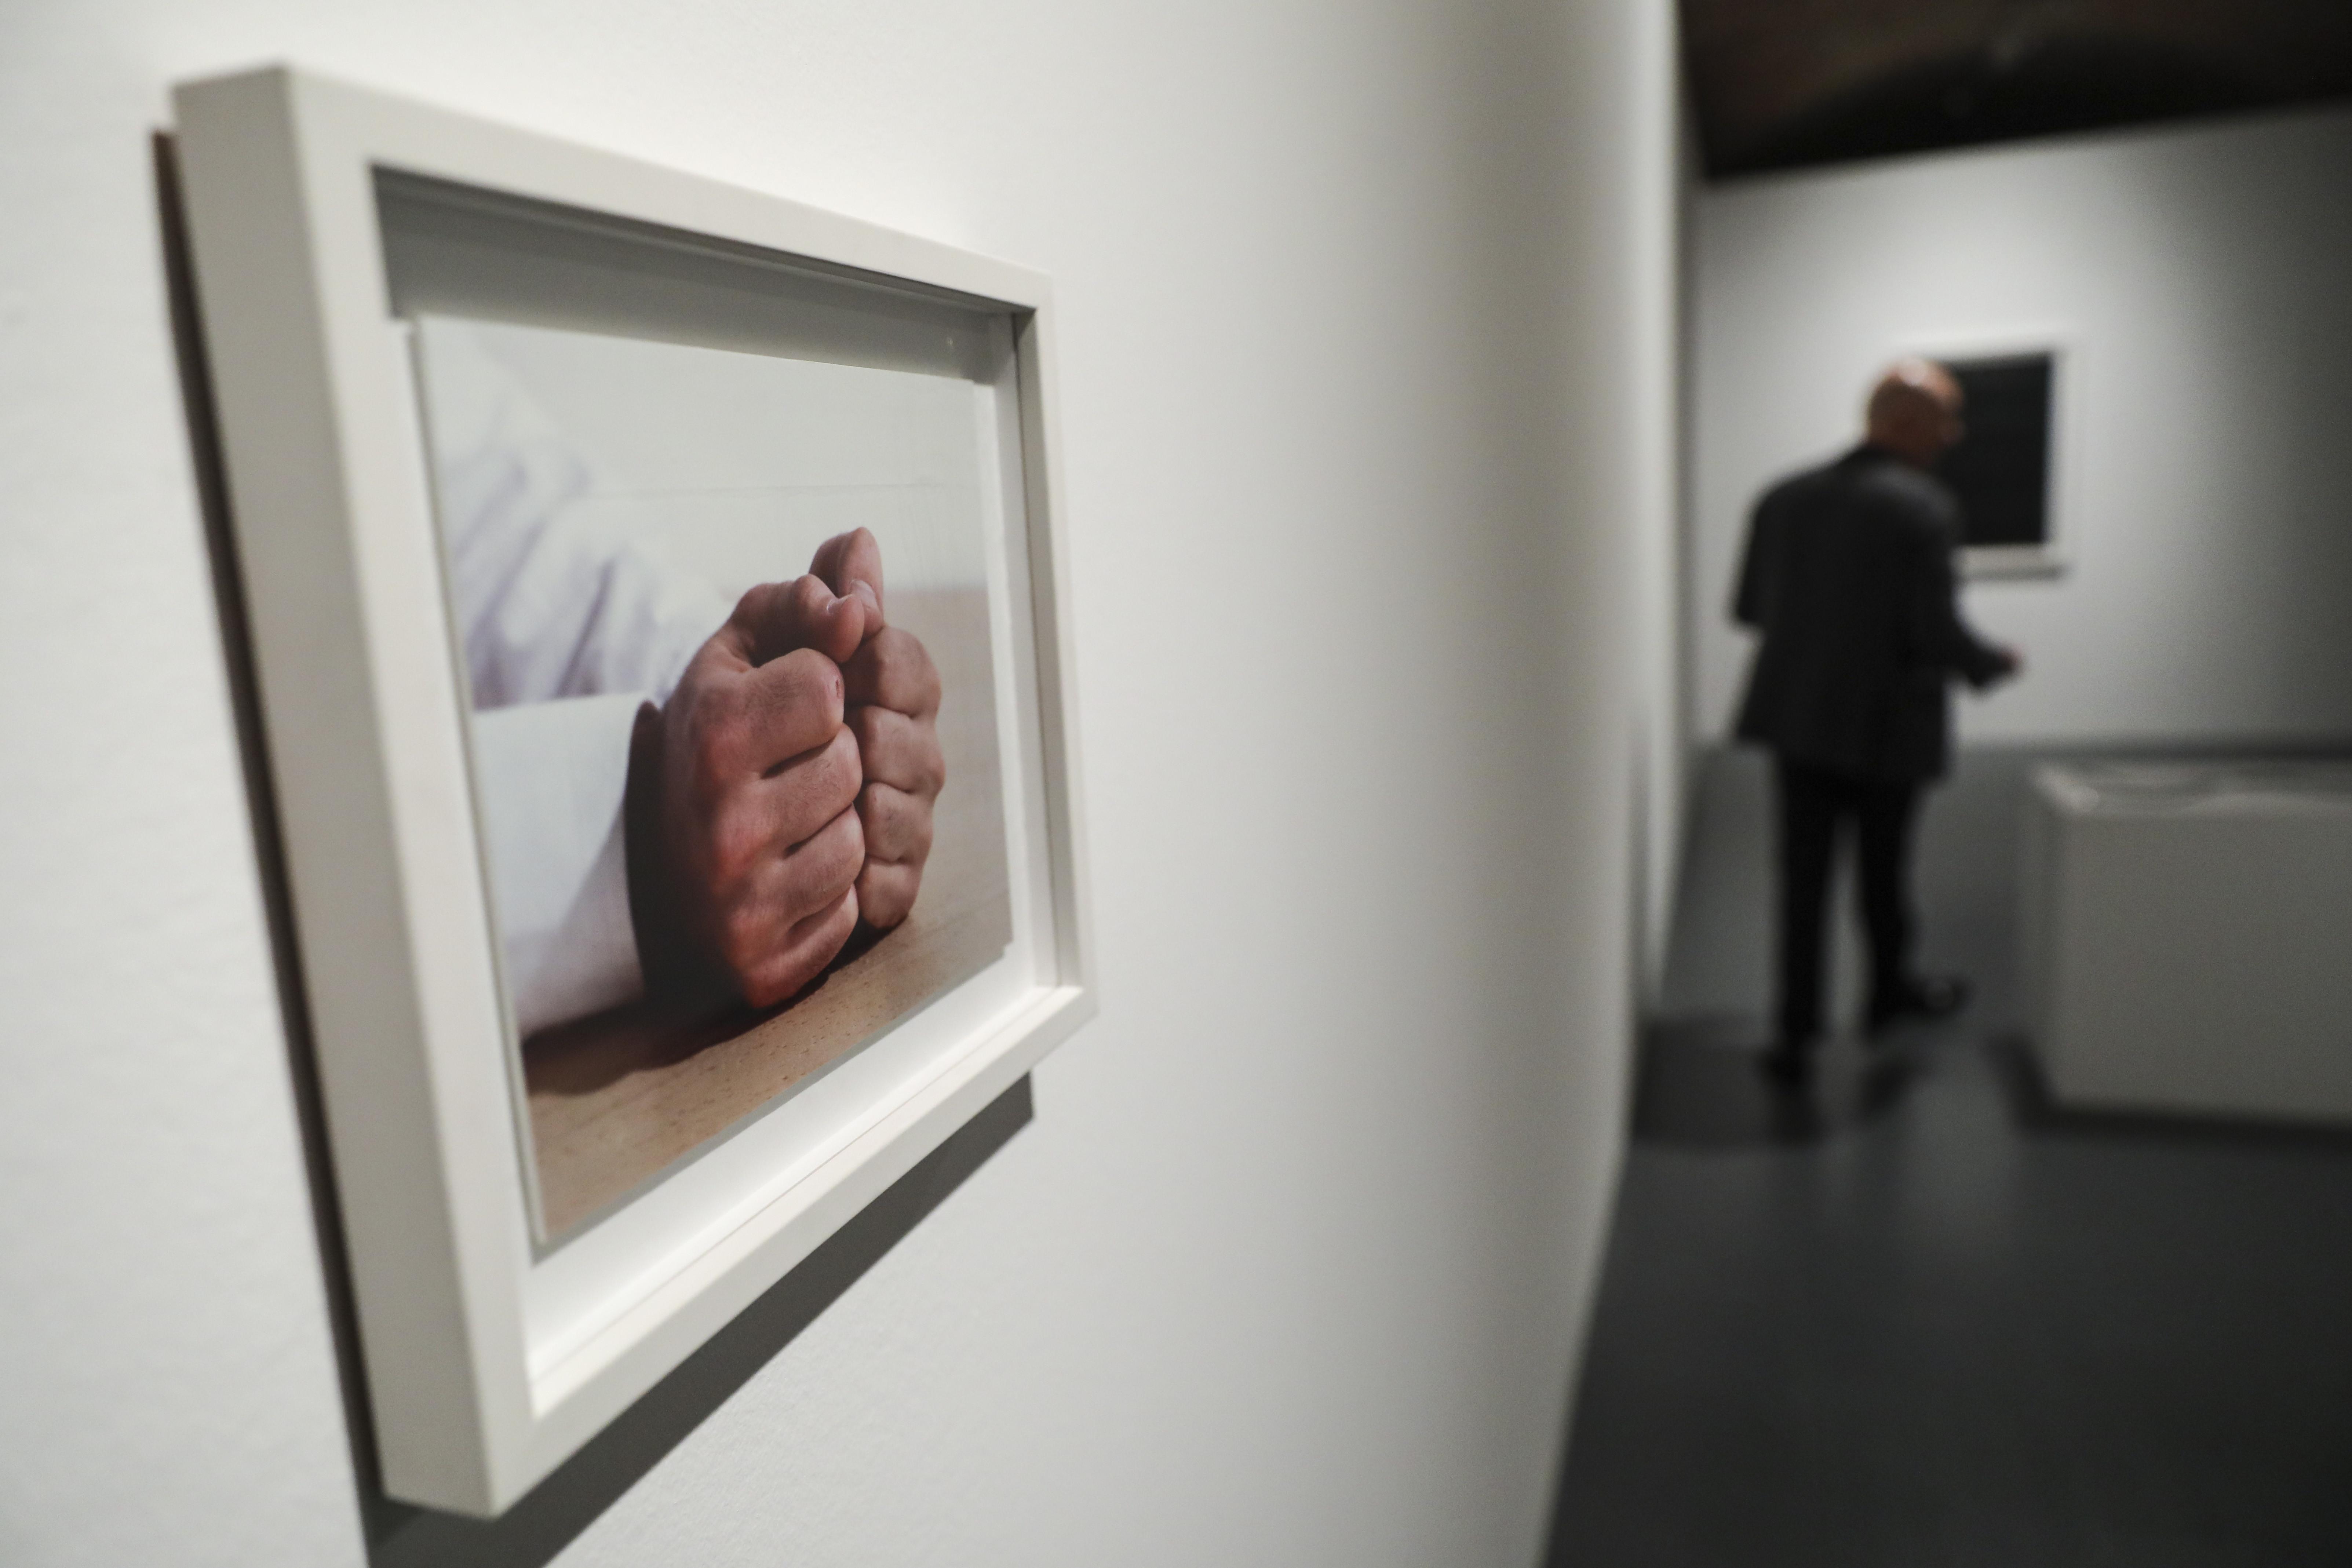 Fantasma da finitude atravessa obra de João Onofre em exposição